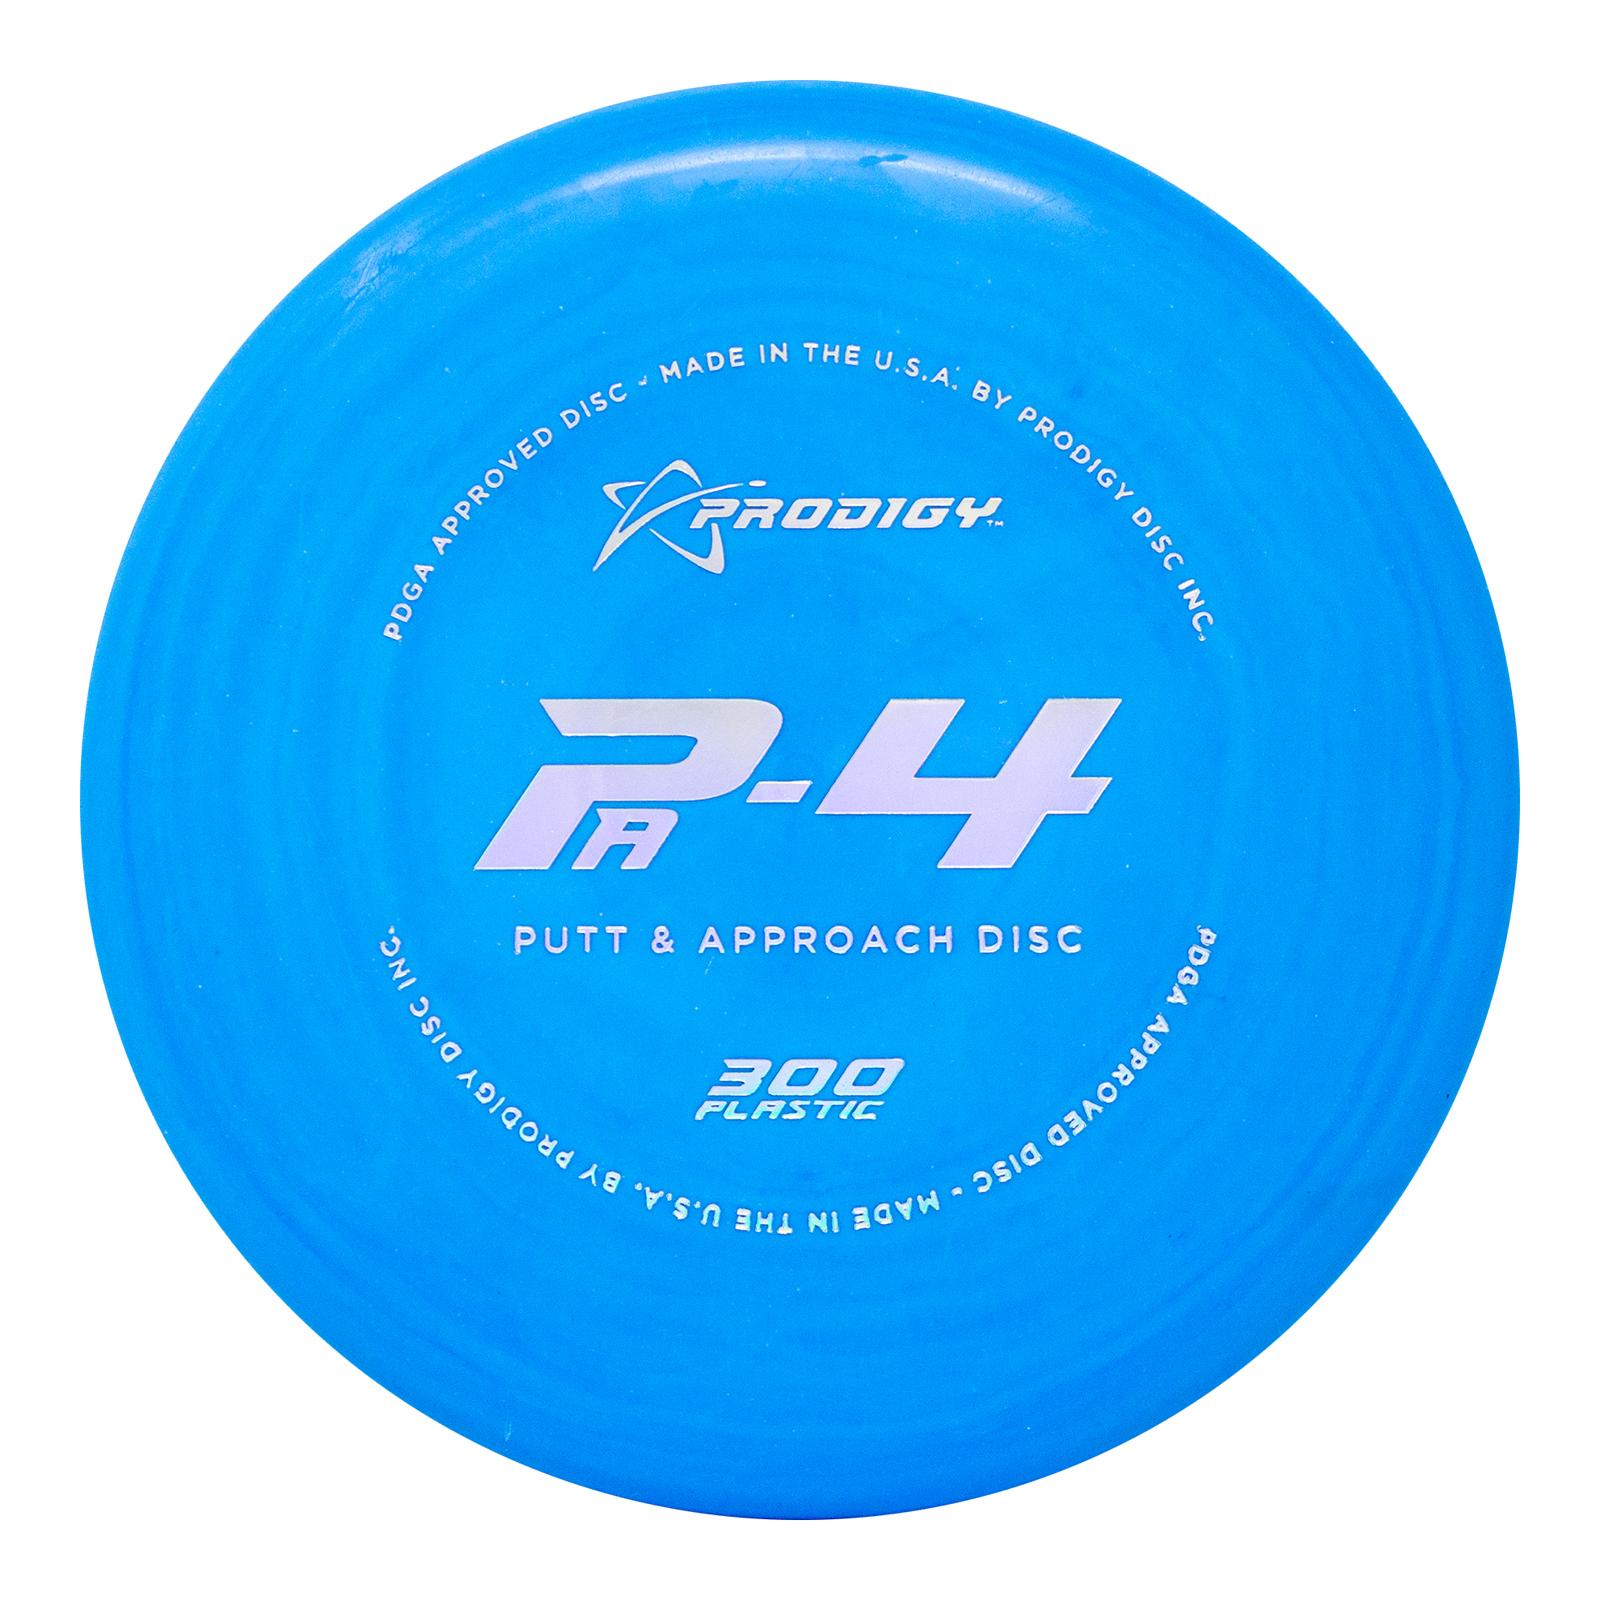 PA-4 - 300 PLASTIC